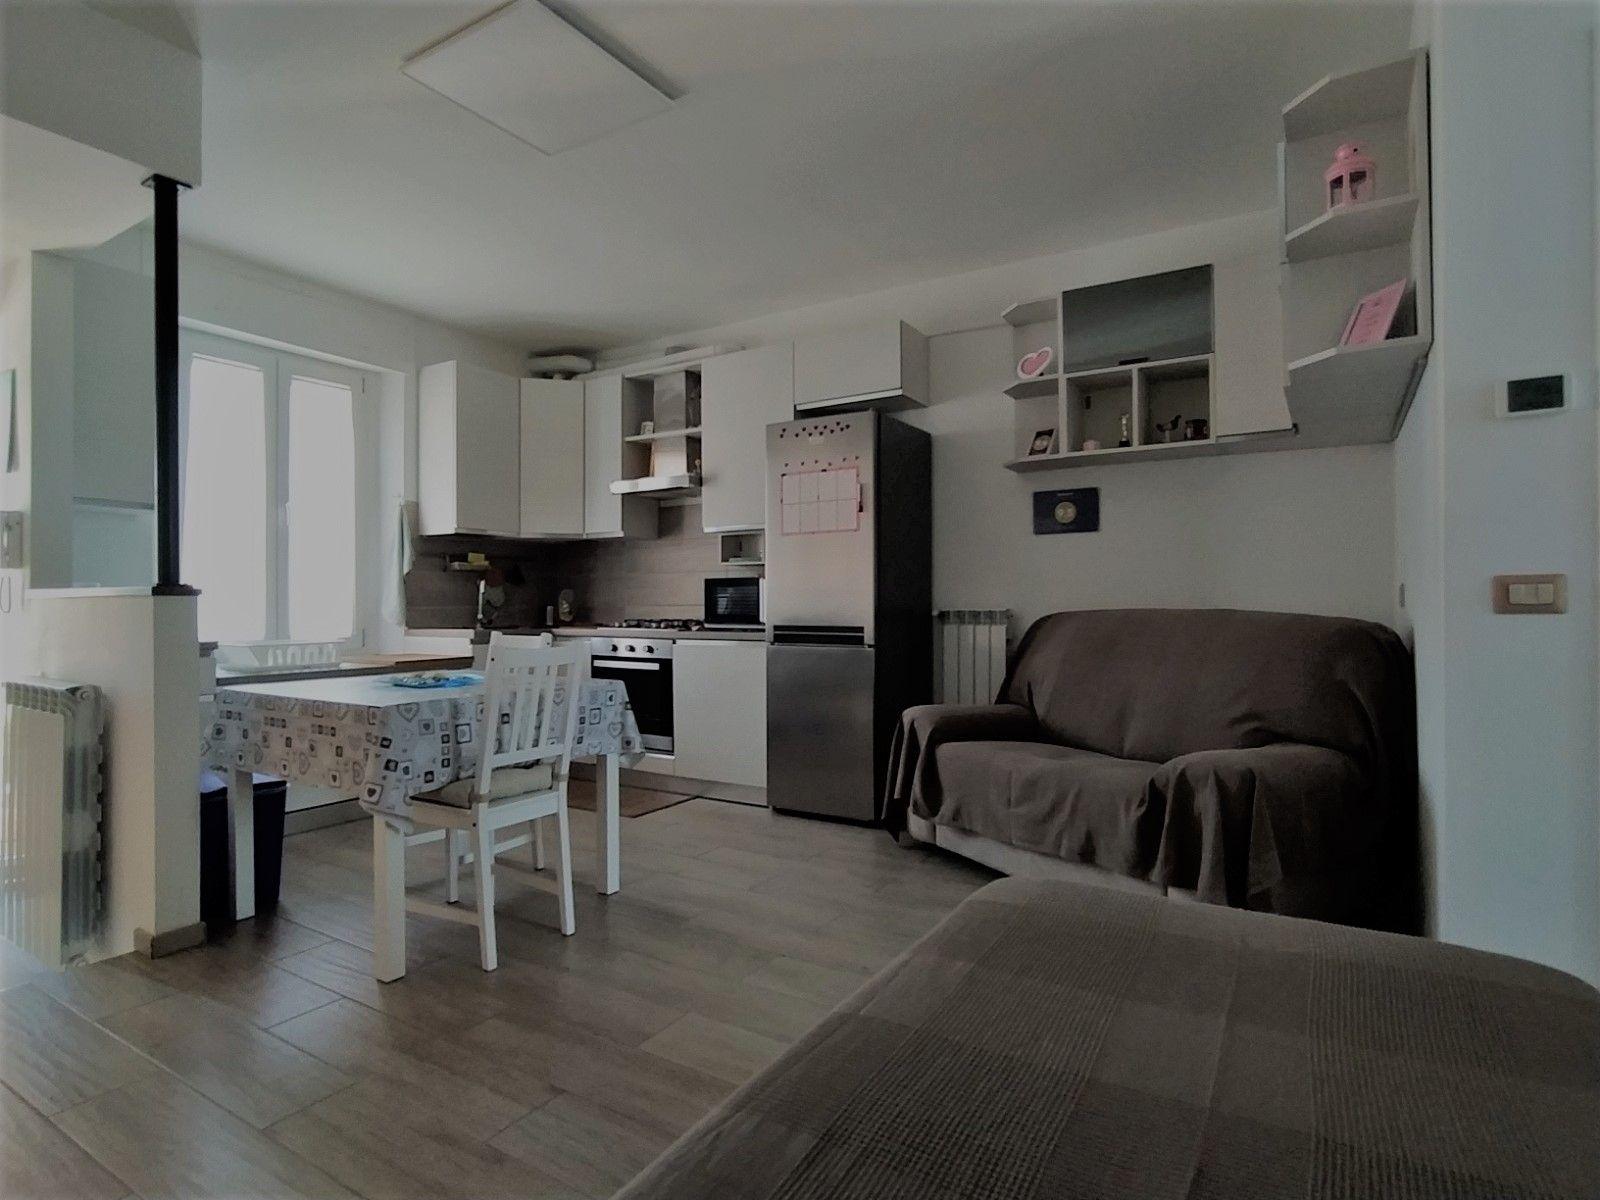 appartamento-in-vendita-a-rho-spaziourbano-immobiliare-vende-monolocale-mono-milano-fiera-6